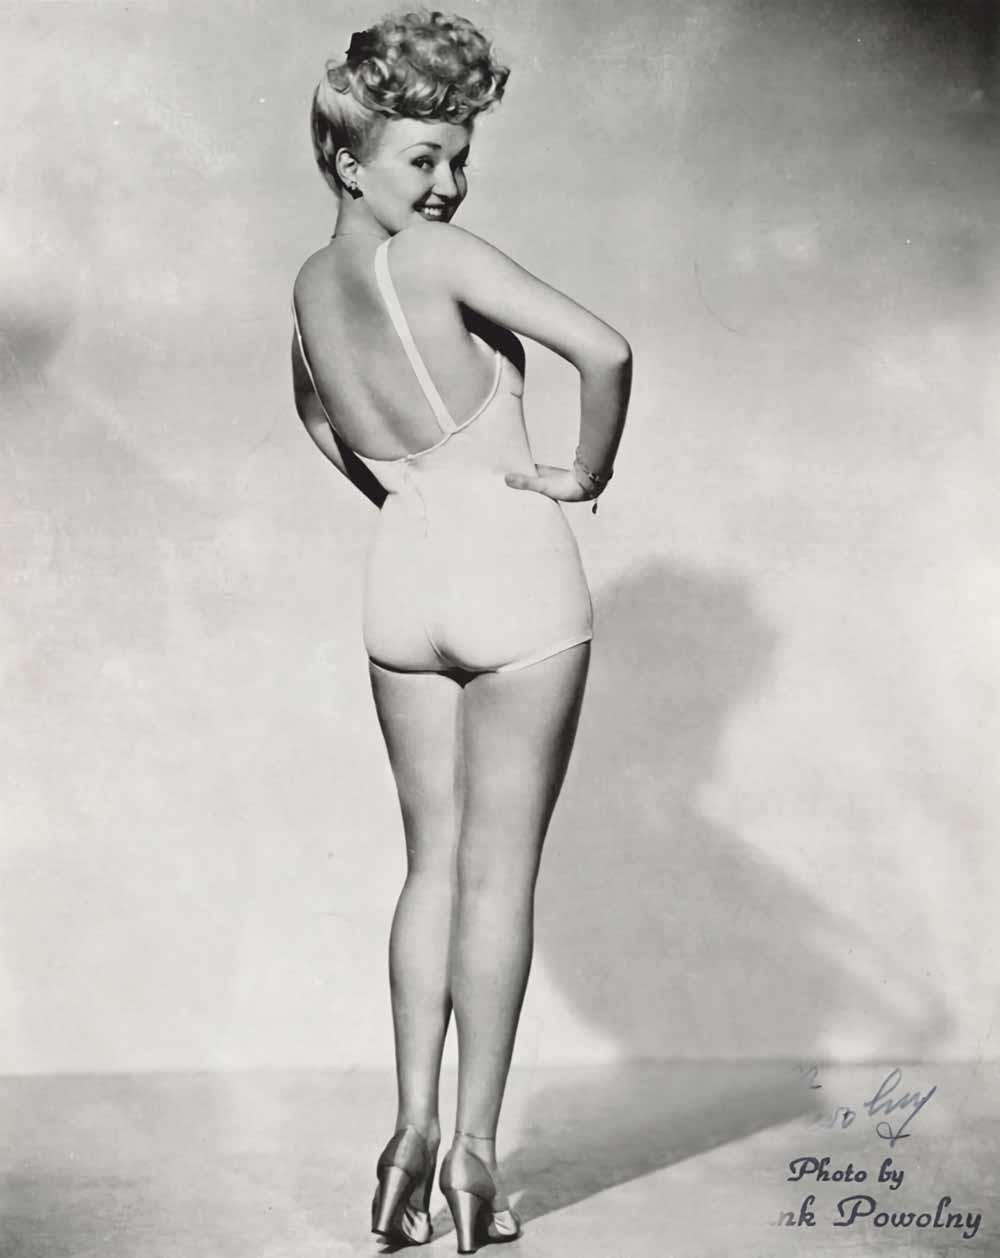 Deze foto van Betty Grable uit 1943 (waarop Grable zwanger was) was een bestseller tijdens de Tweede Wereldoorlog. – © 20th Century Fox